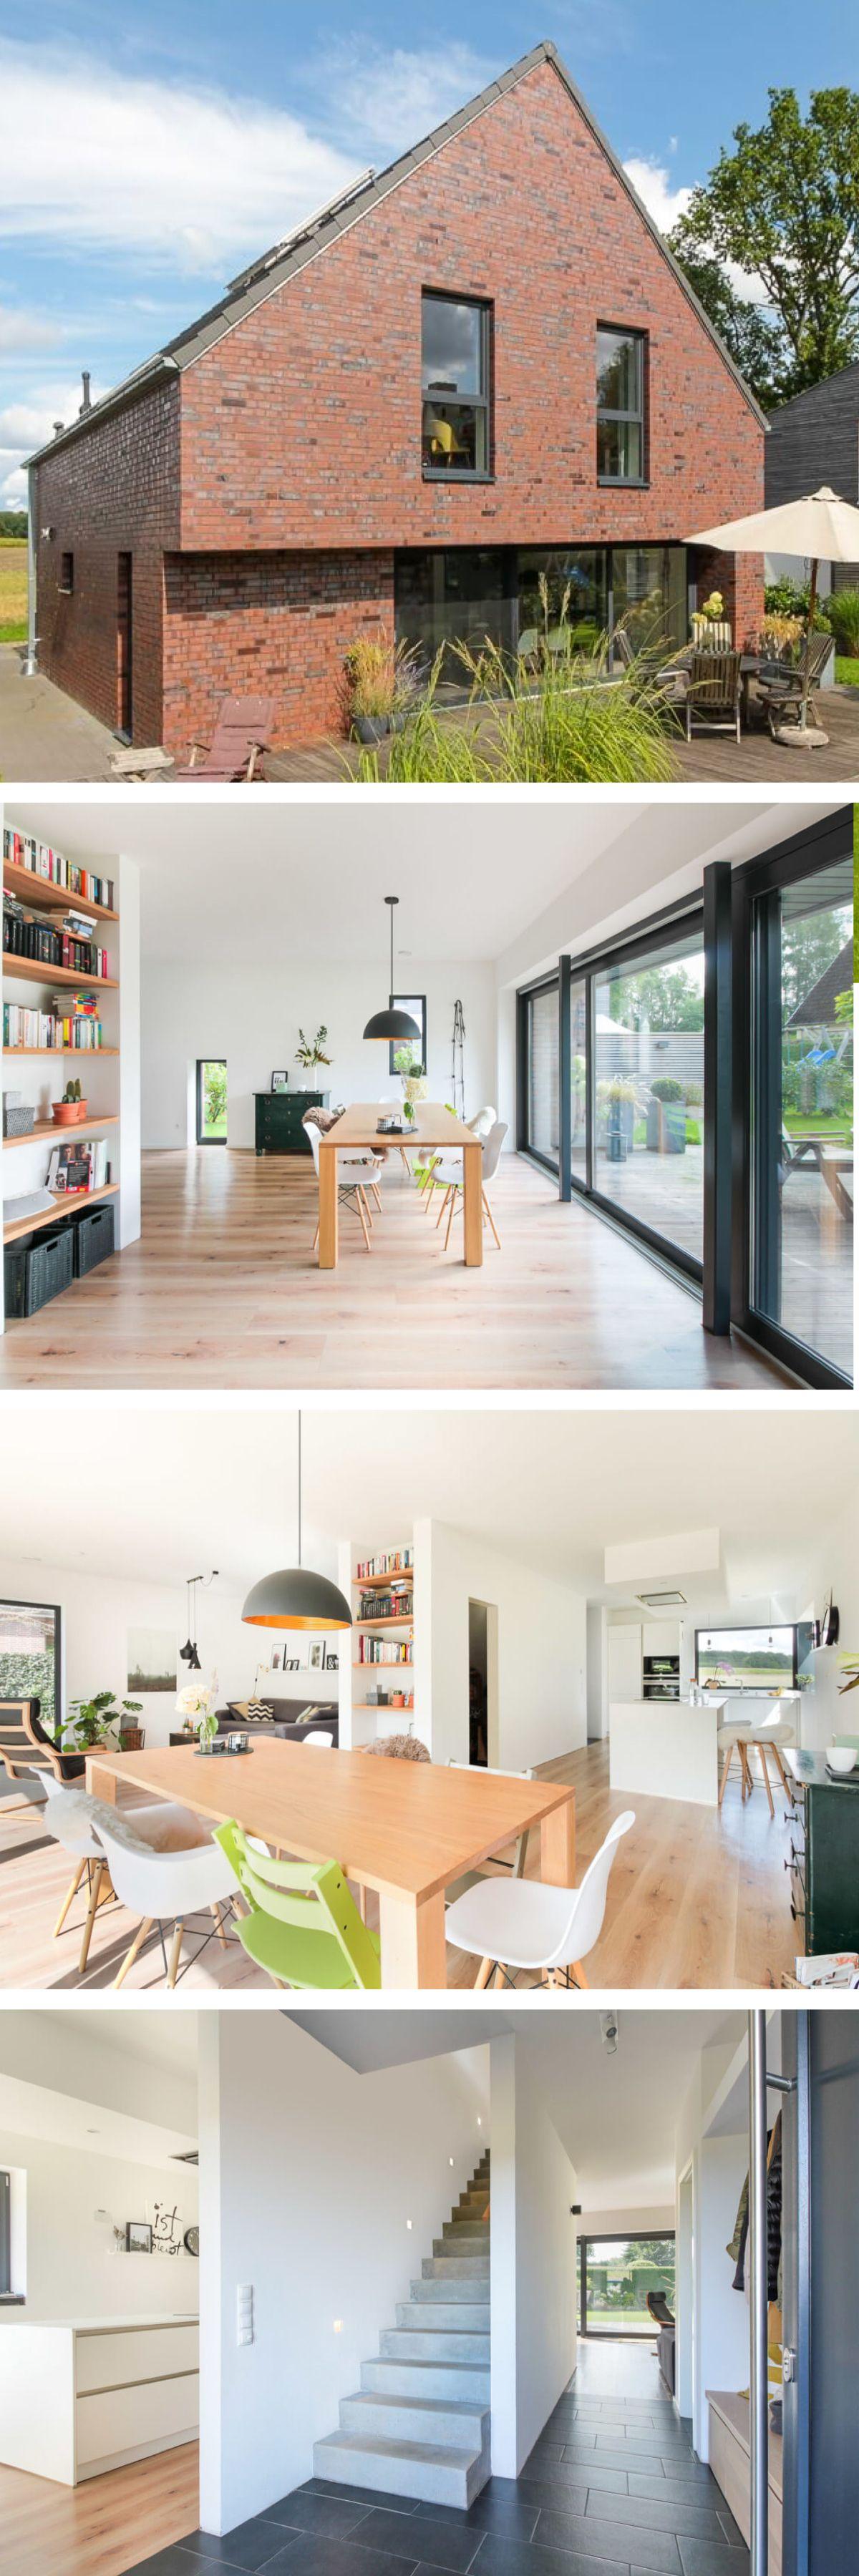 Einfamilienhaus architektur mit klinker fassade giebel for Massivhaus modern